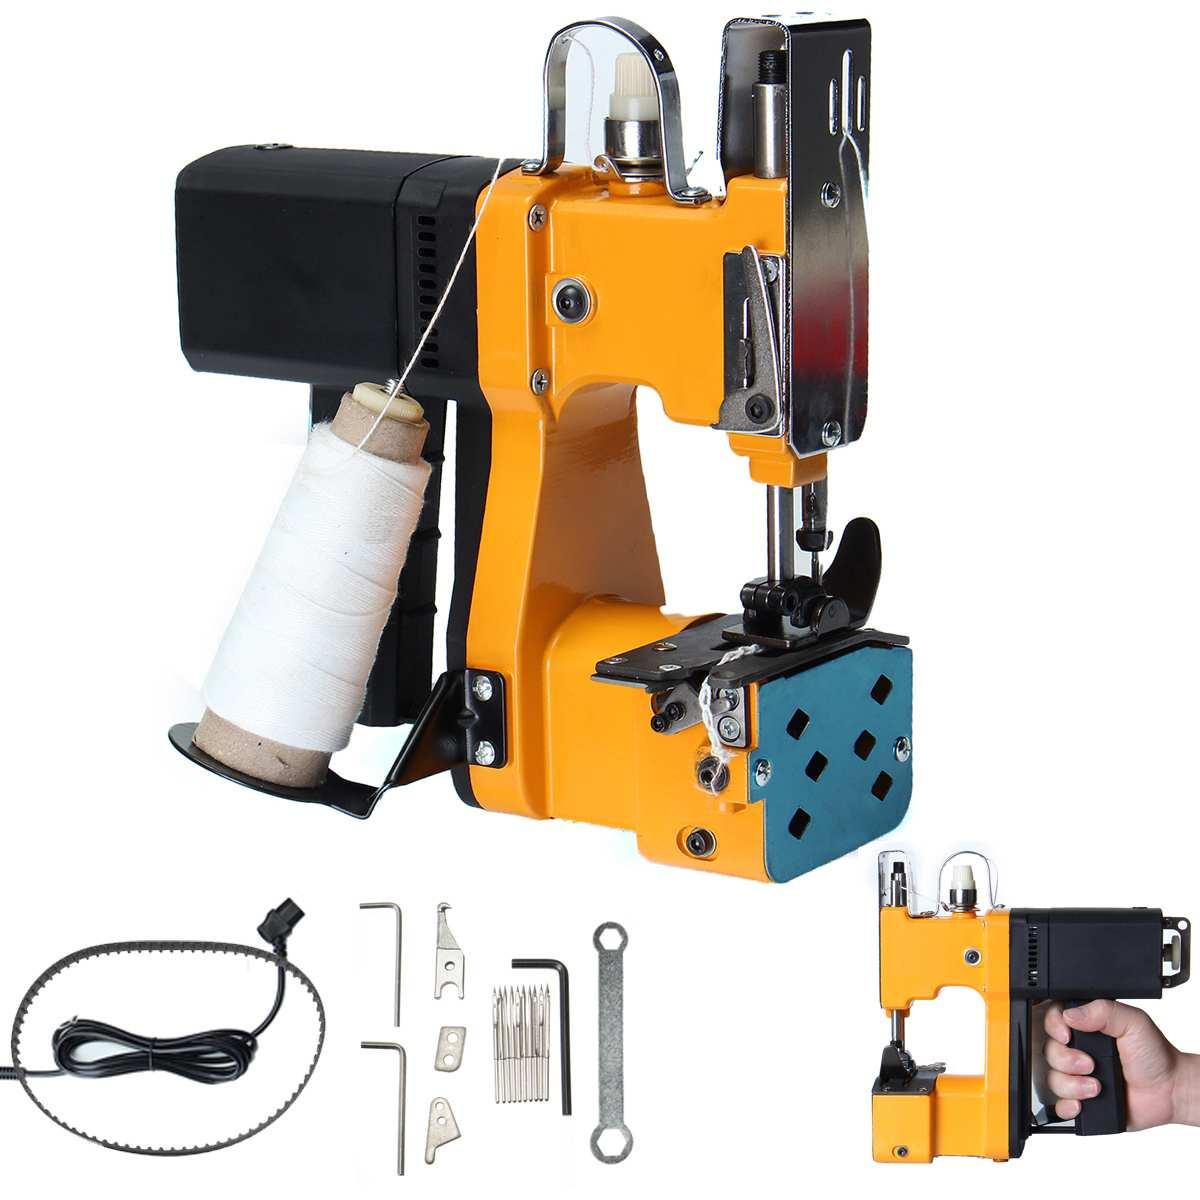 220 V Mini Machine à coudre électrique Kit poche sac plus proche couture Machines d'étanchéité pour Textile industriel à la maison avec prise